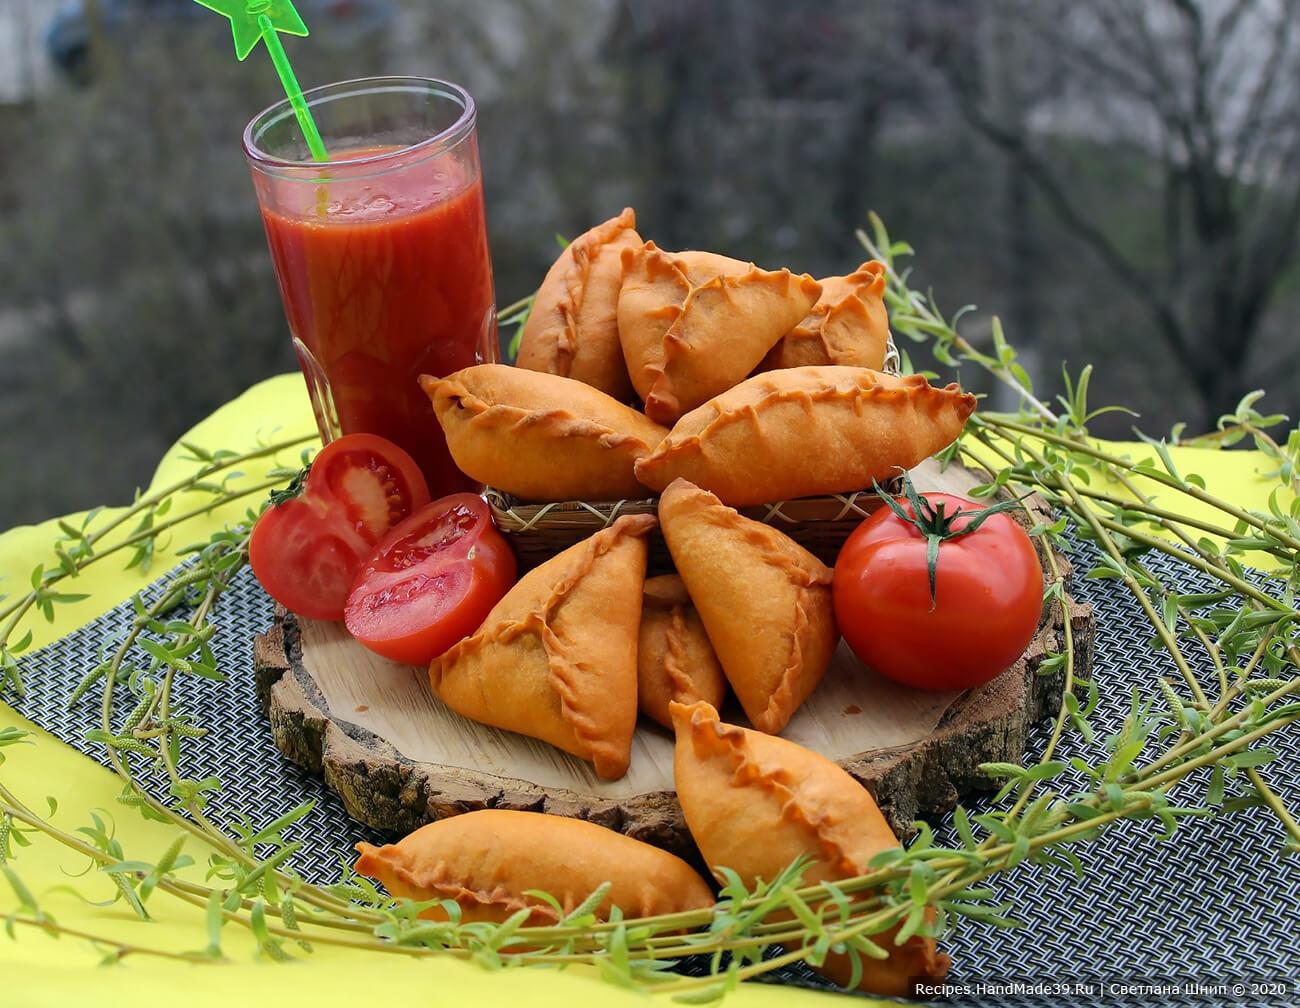 Пирожки из постного теста на томатном соке без дрожжей – пошаговый рецепт с фото